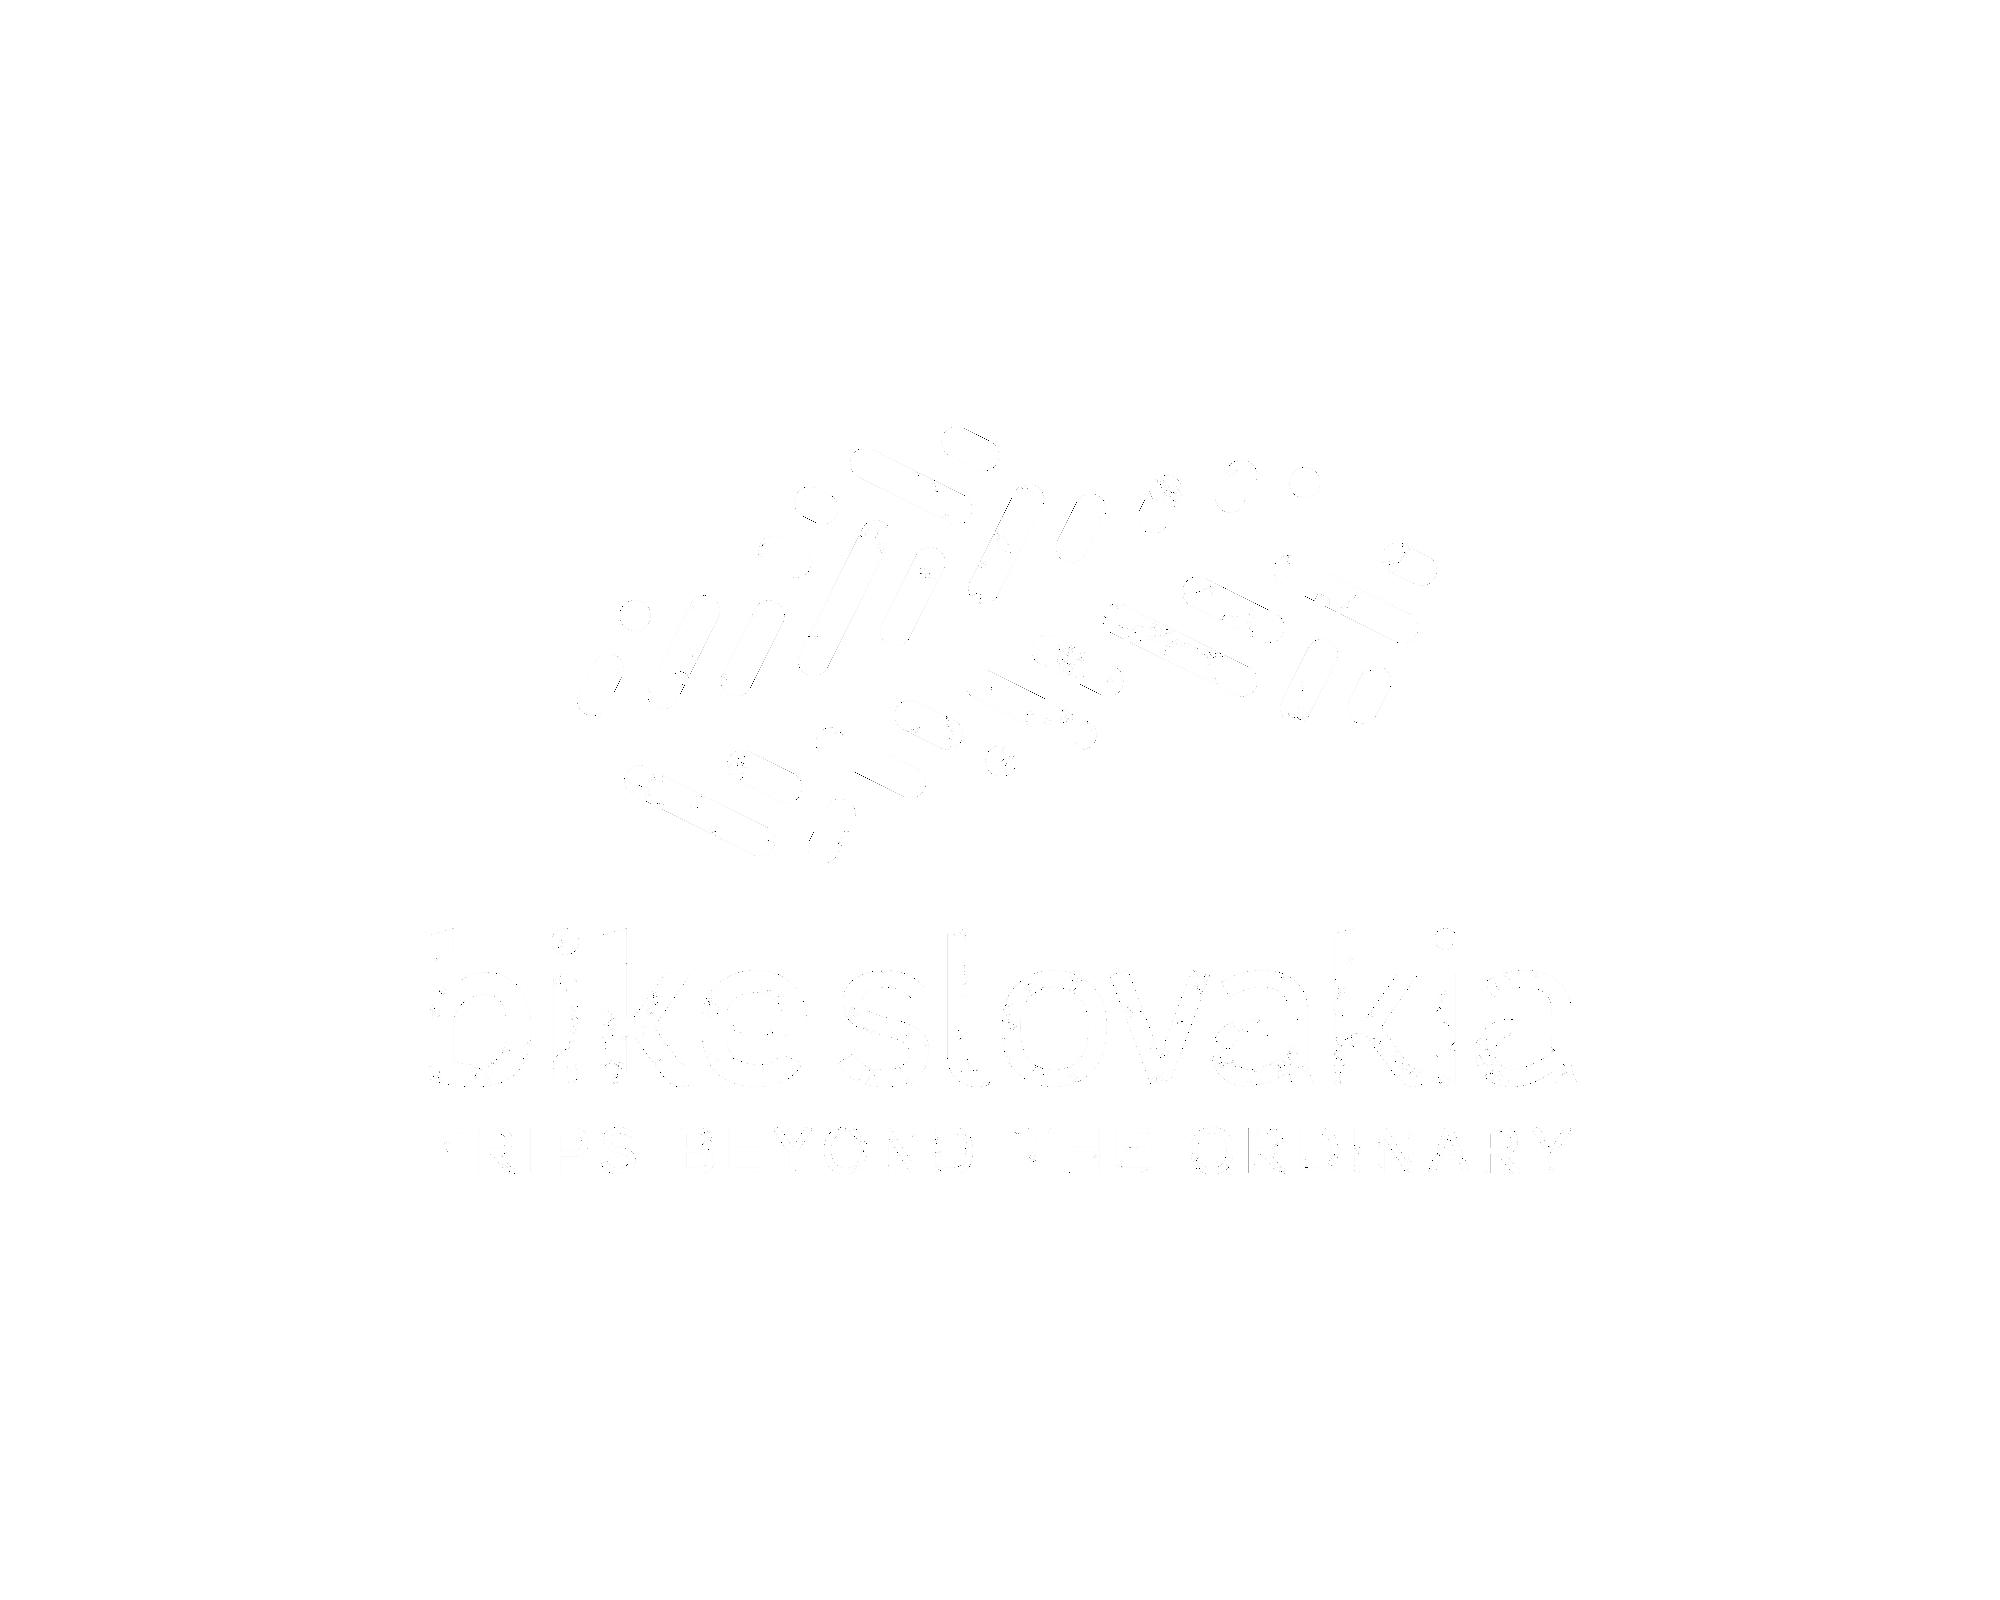 bikeslovakia.com